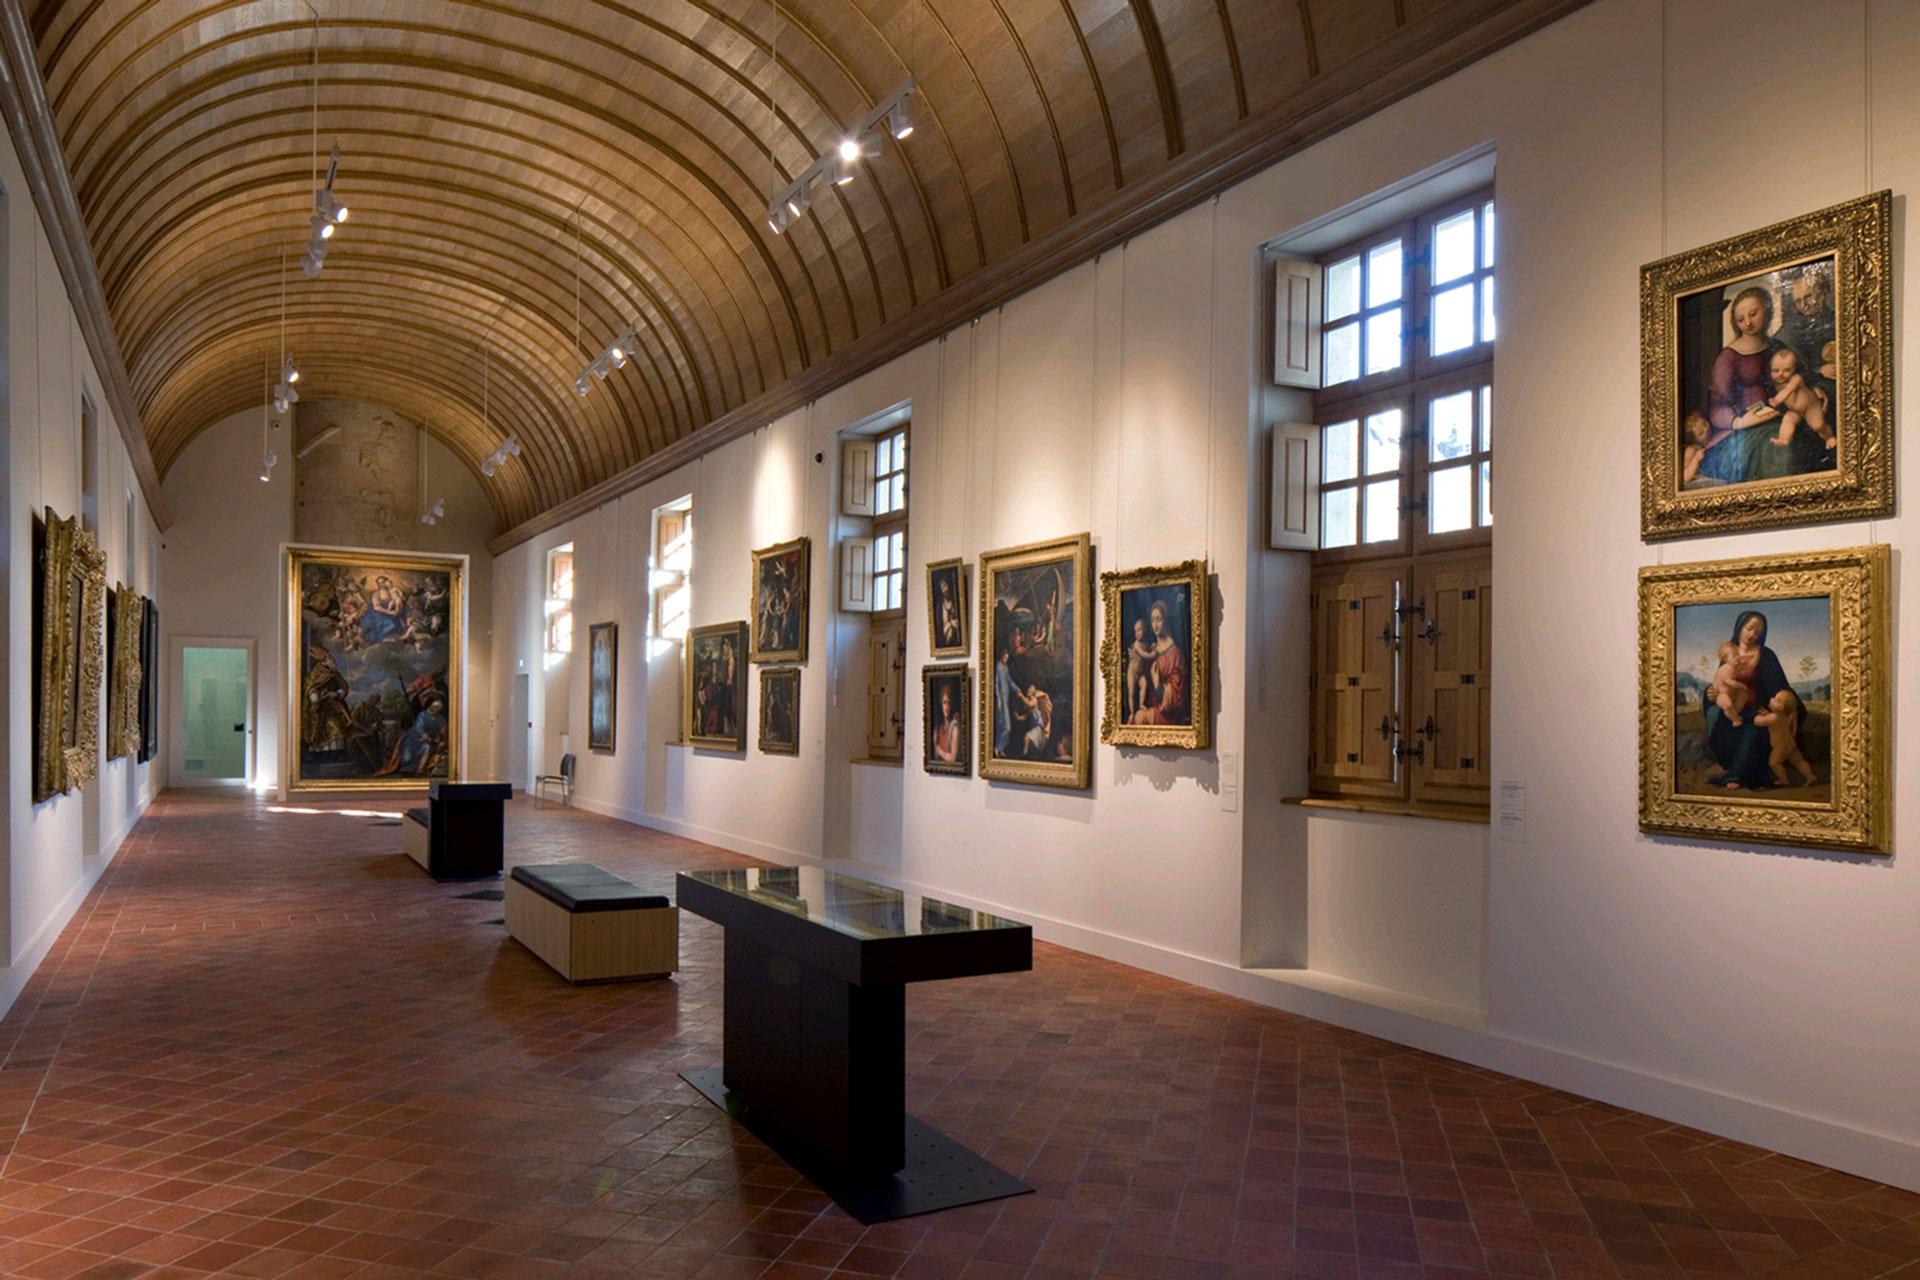 Musée des Beaux-Arts Renovation